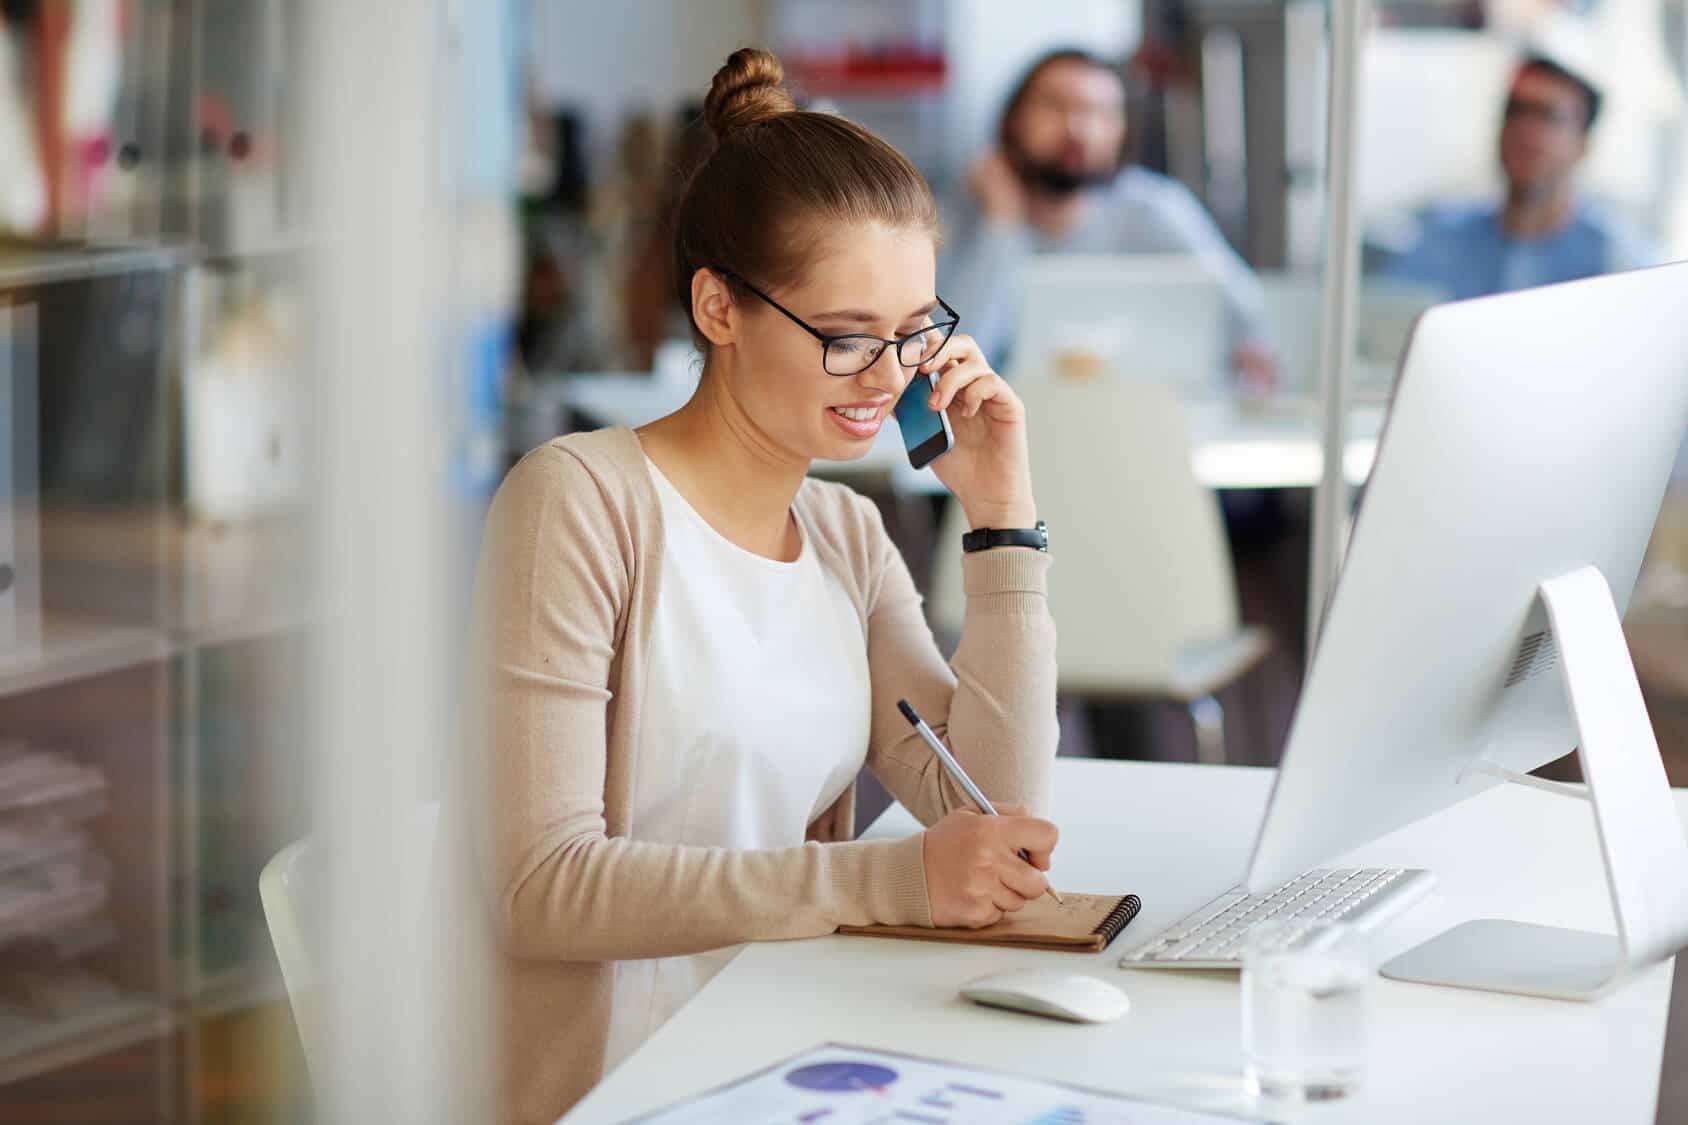 آیا میدانید مدیریت و پشتیبانی مشتریان چه تاثیر شگفت انگیزی روی افزایش فروش دارد؟